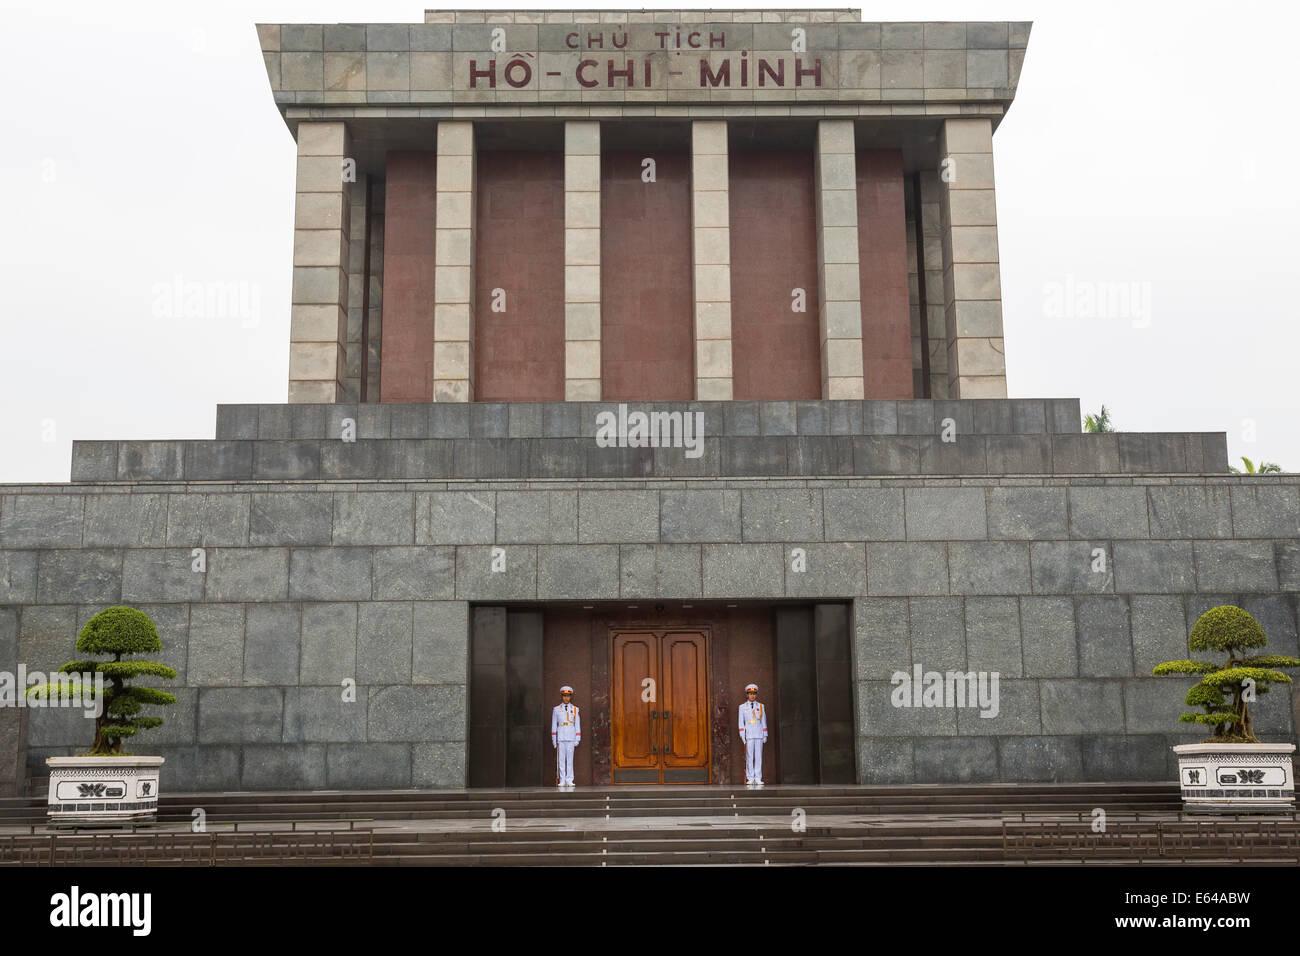 Ho Chi Minh Mausoleum & wachen, Hanoi-Vietnam Stockbild